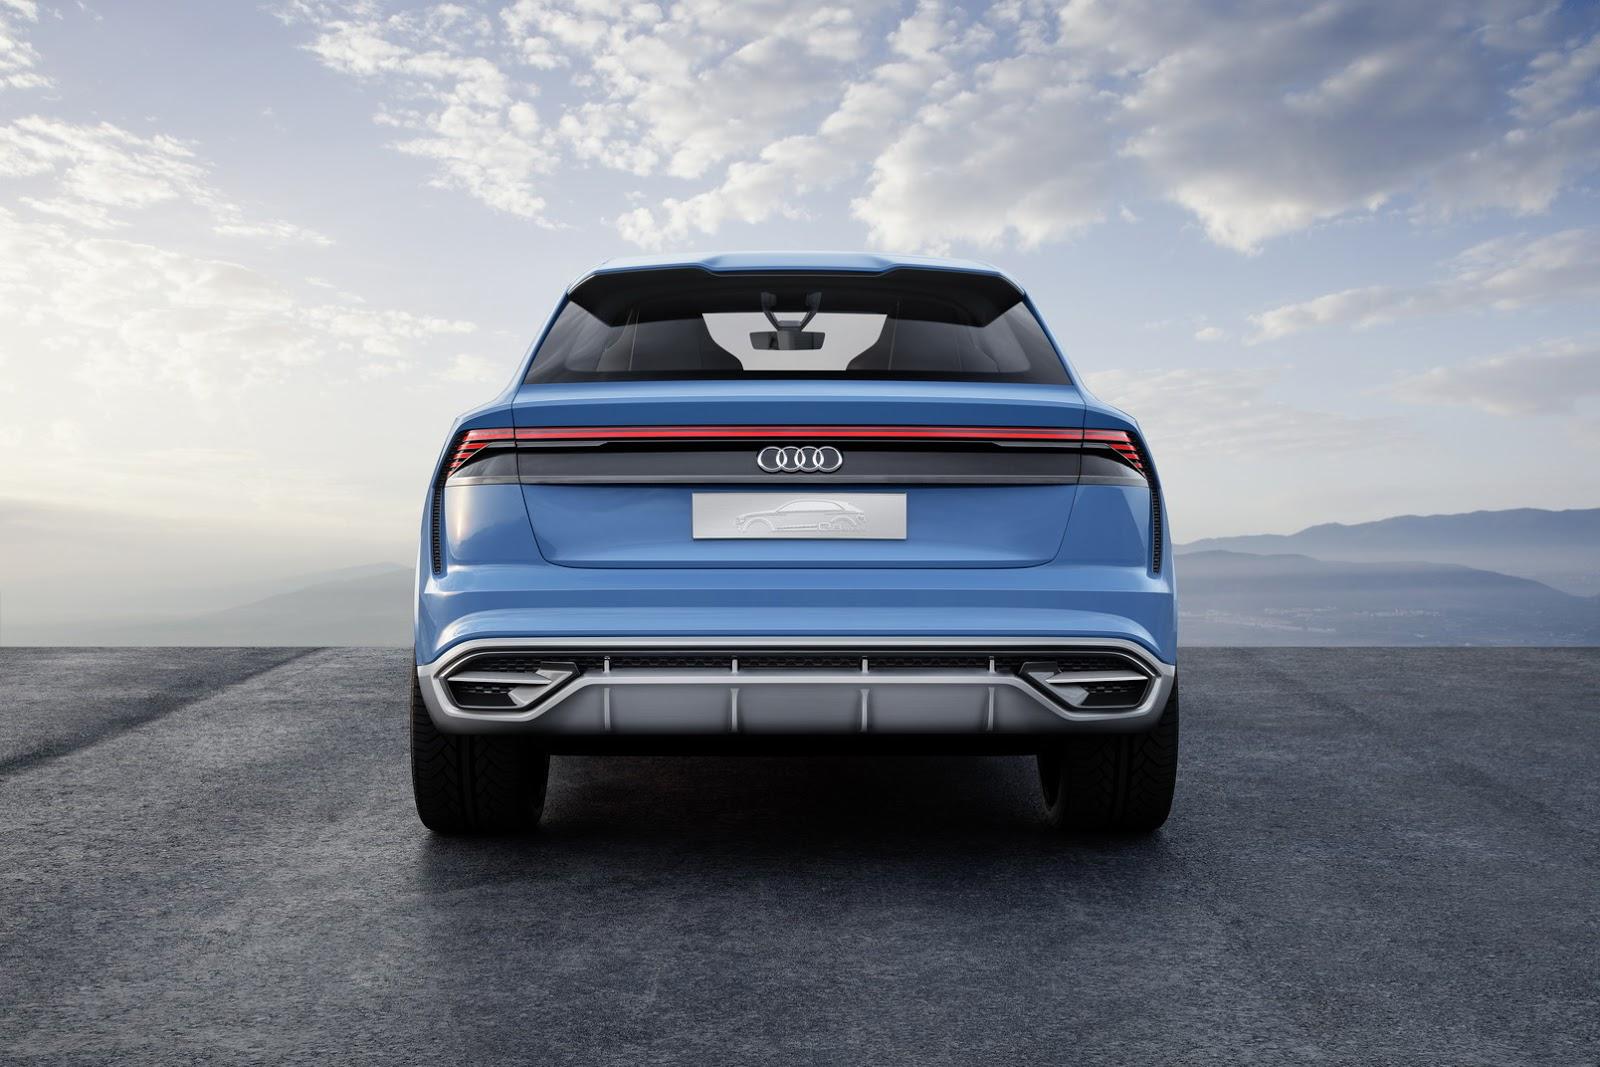 Audi_Q8_concept_15